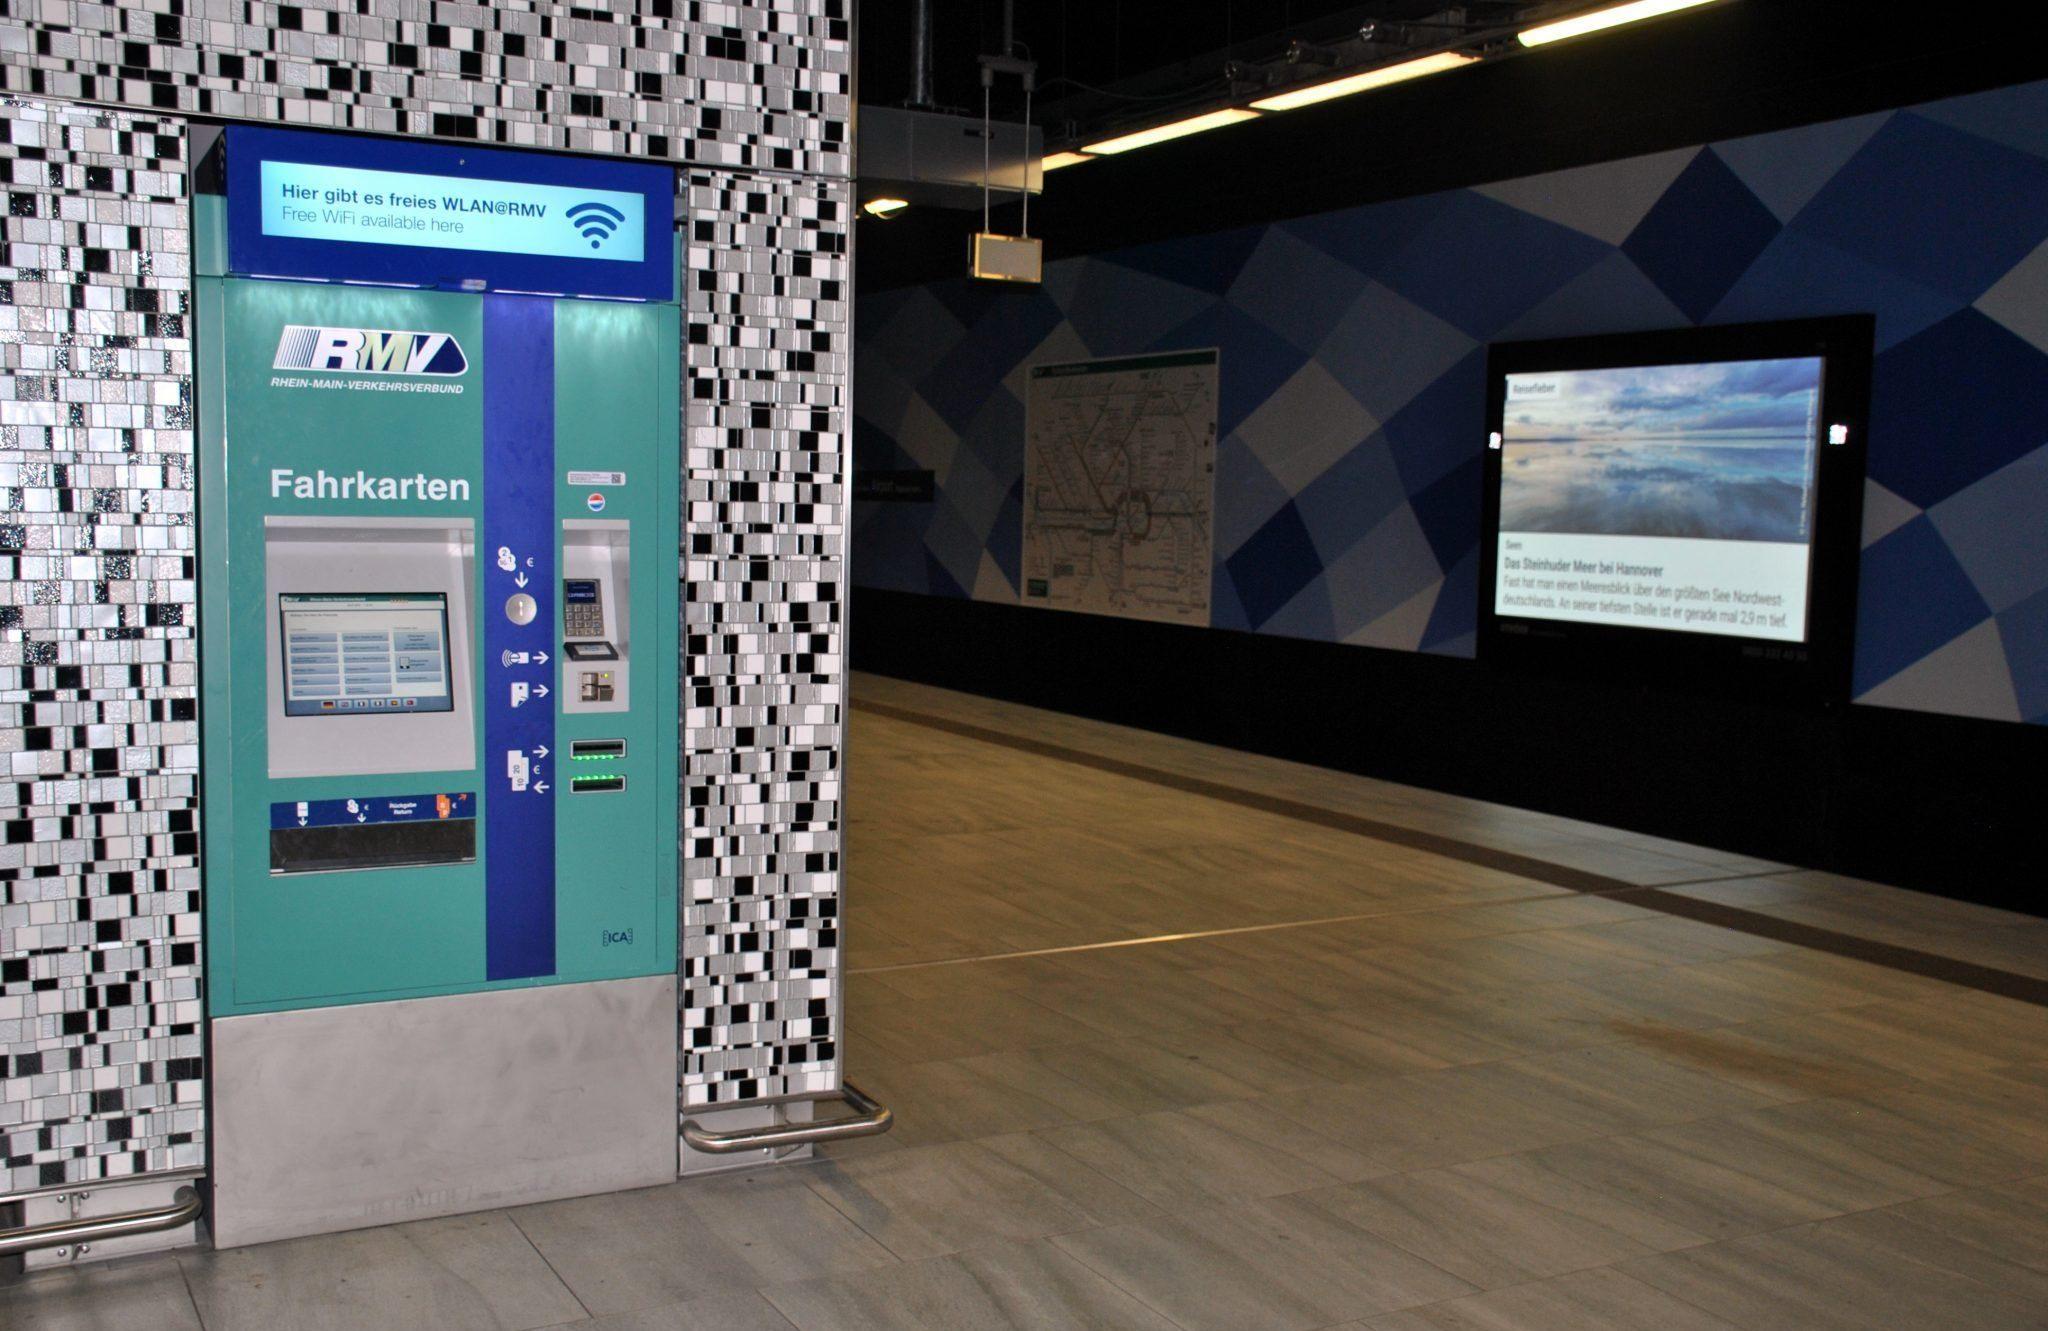 Máquina de venta en un andén del aeropuerto